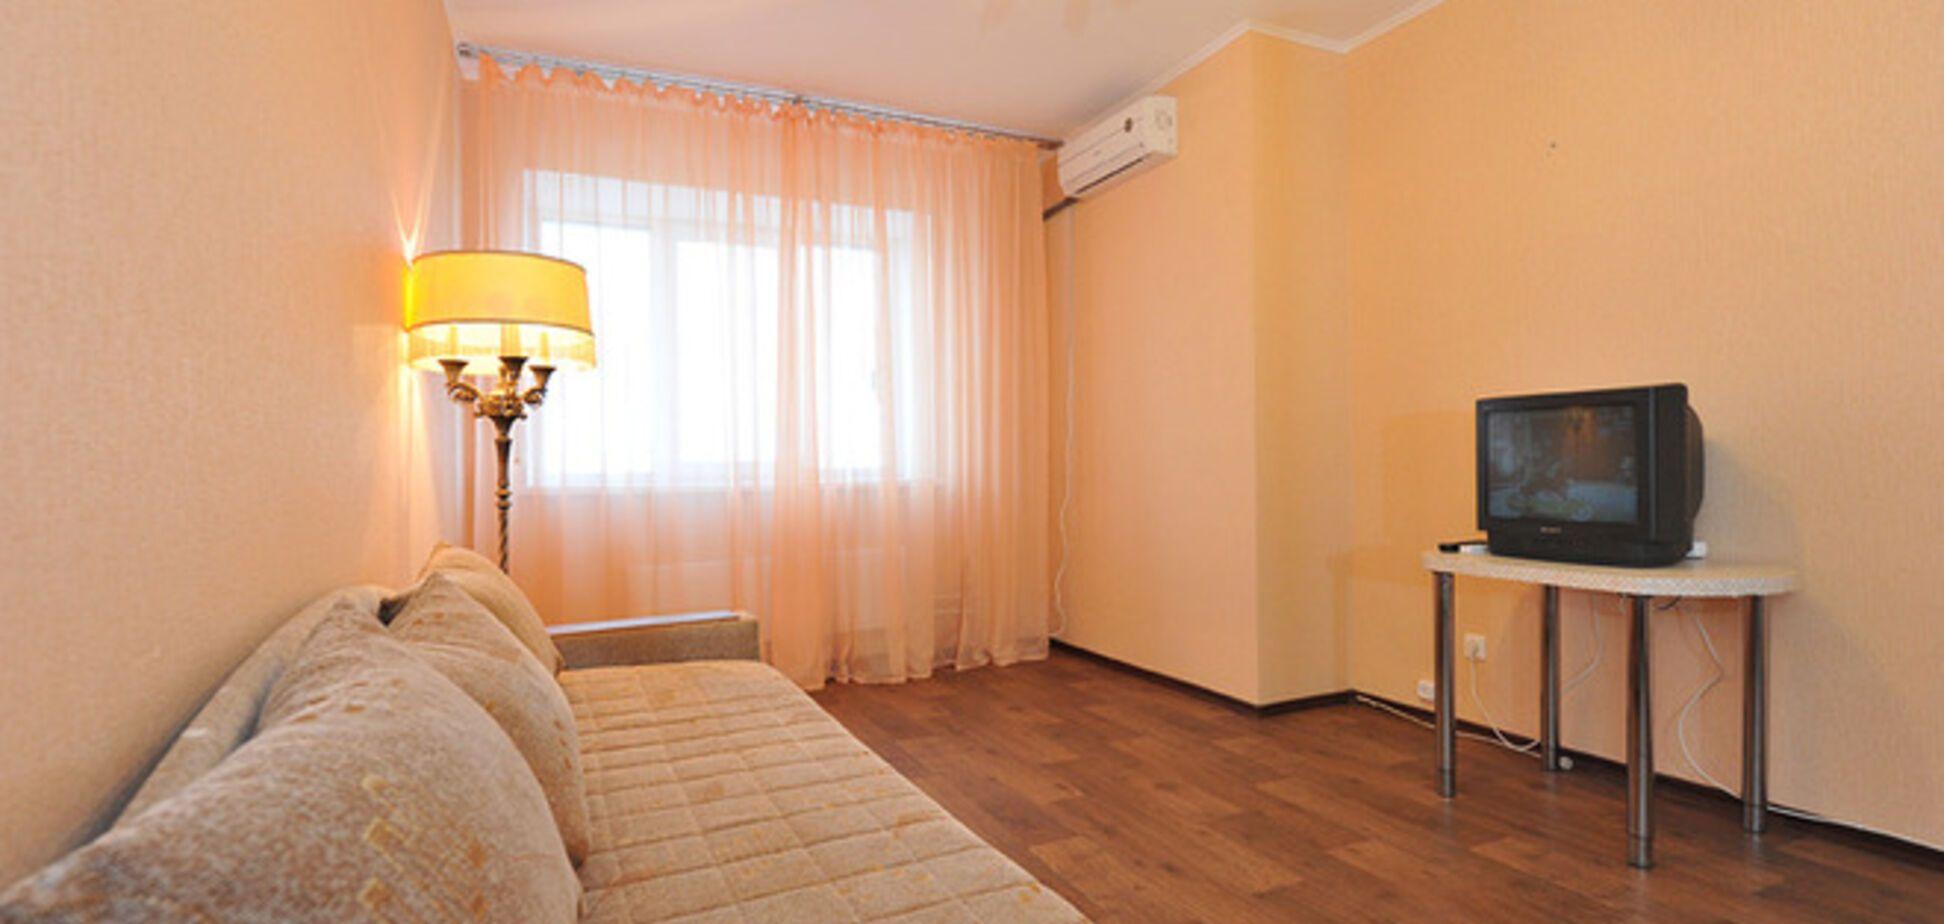 Самые дешевые квартиры Киева и вблизи столицы